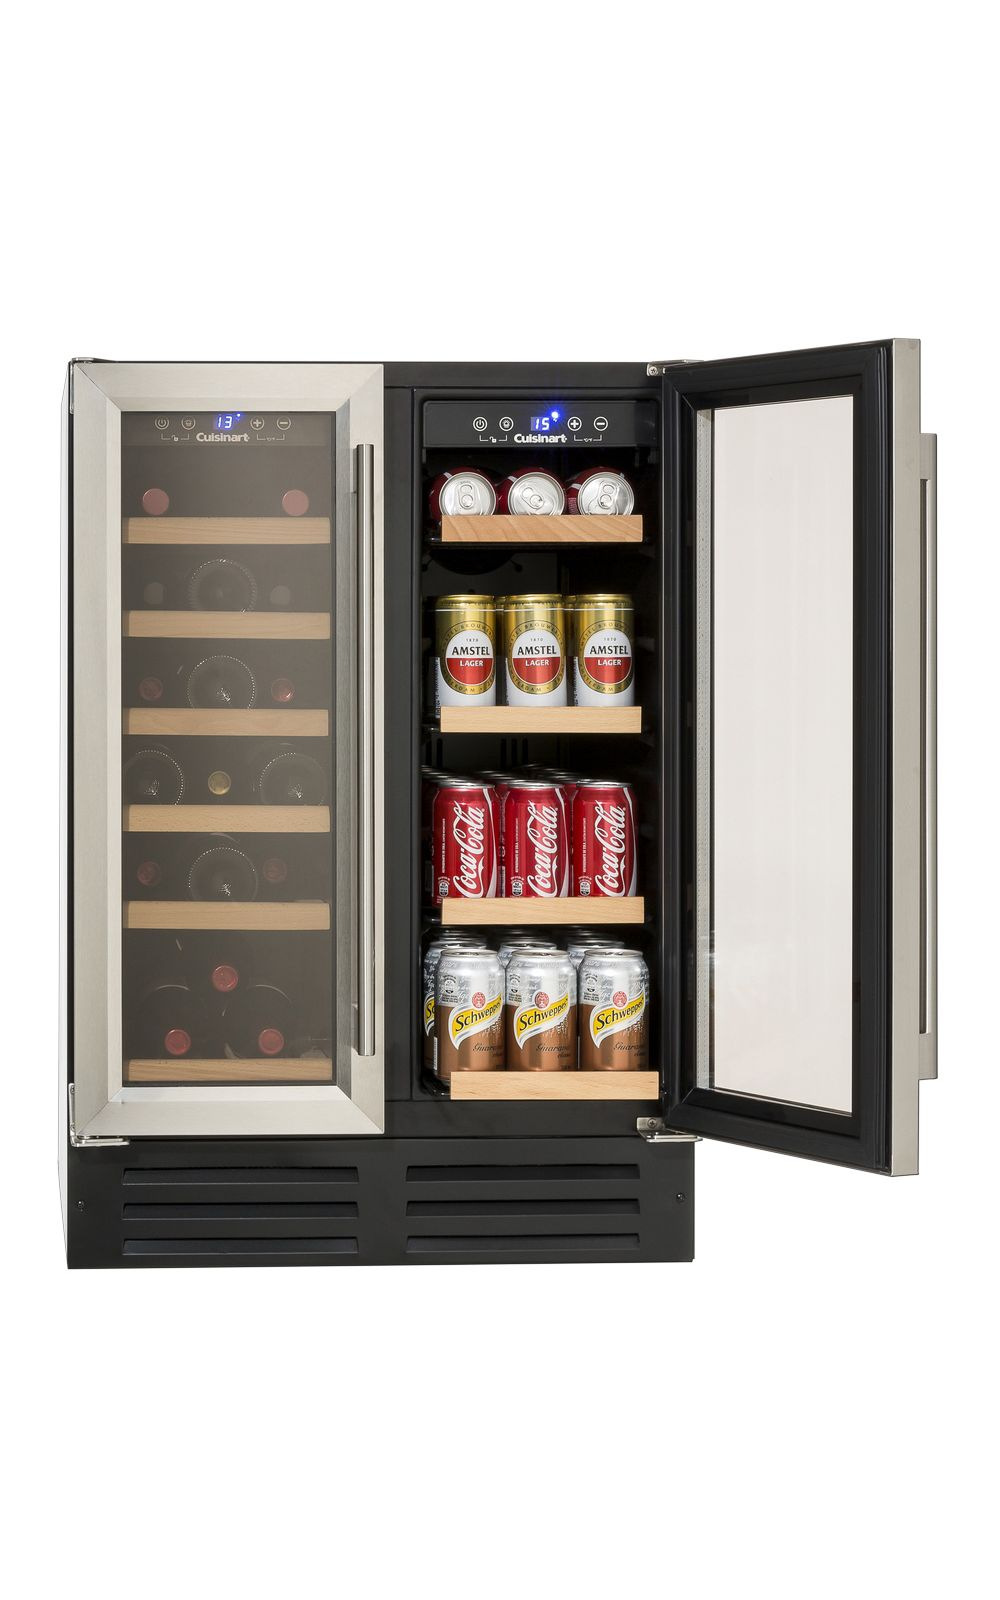 Foto 2 - Adega de Vinhos e Frigobar 2 Portas Built in 220V Prime Cooking Cuisinart